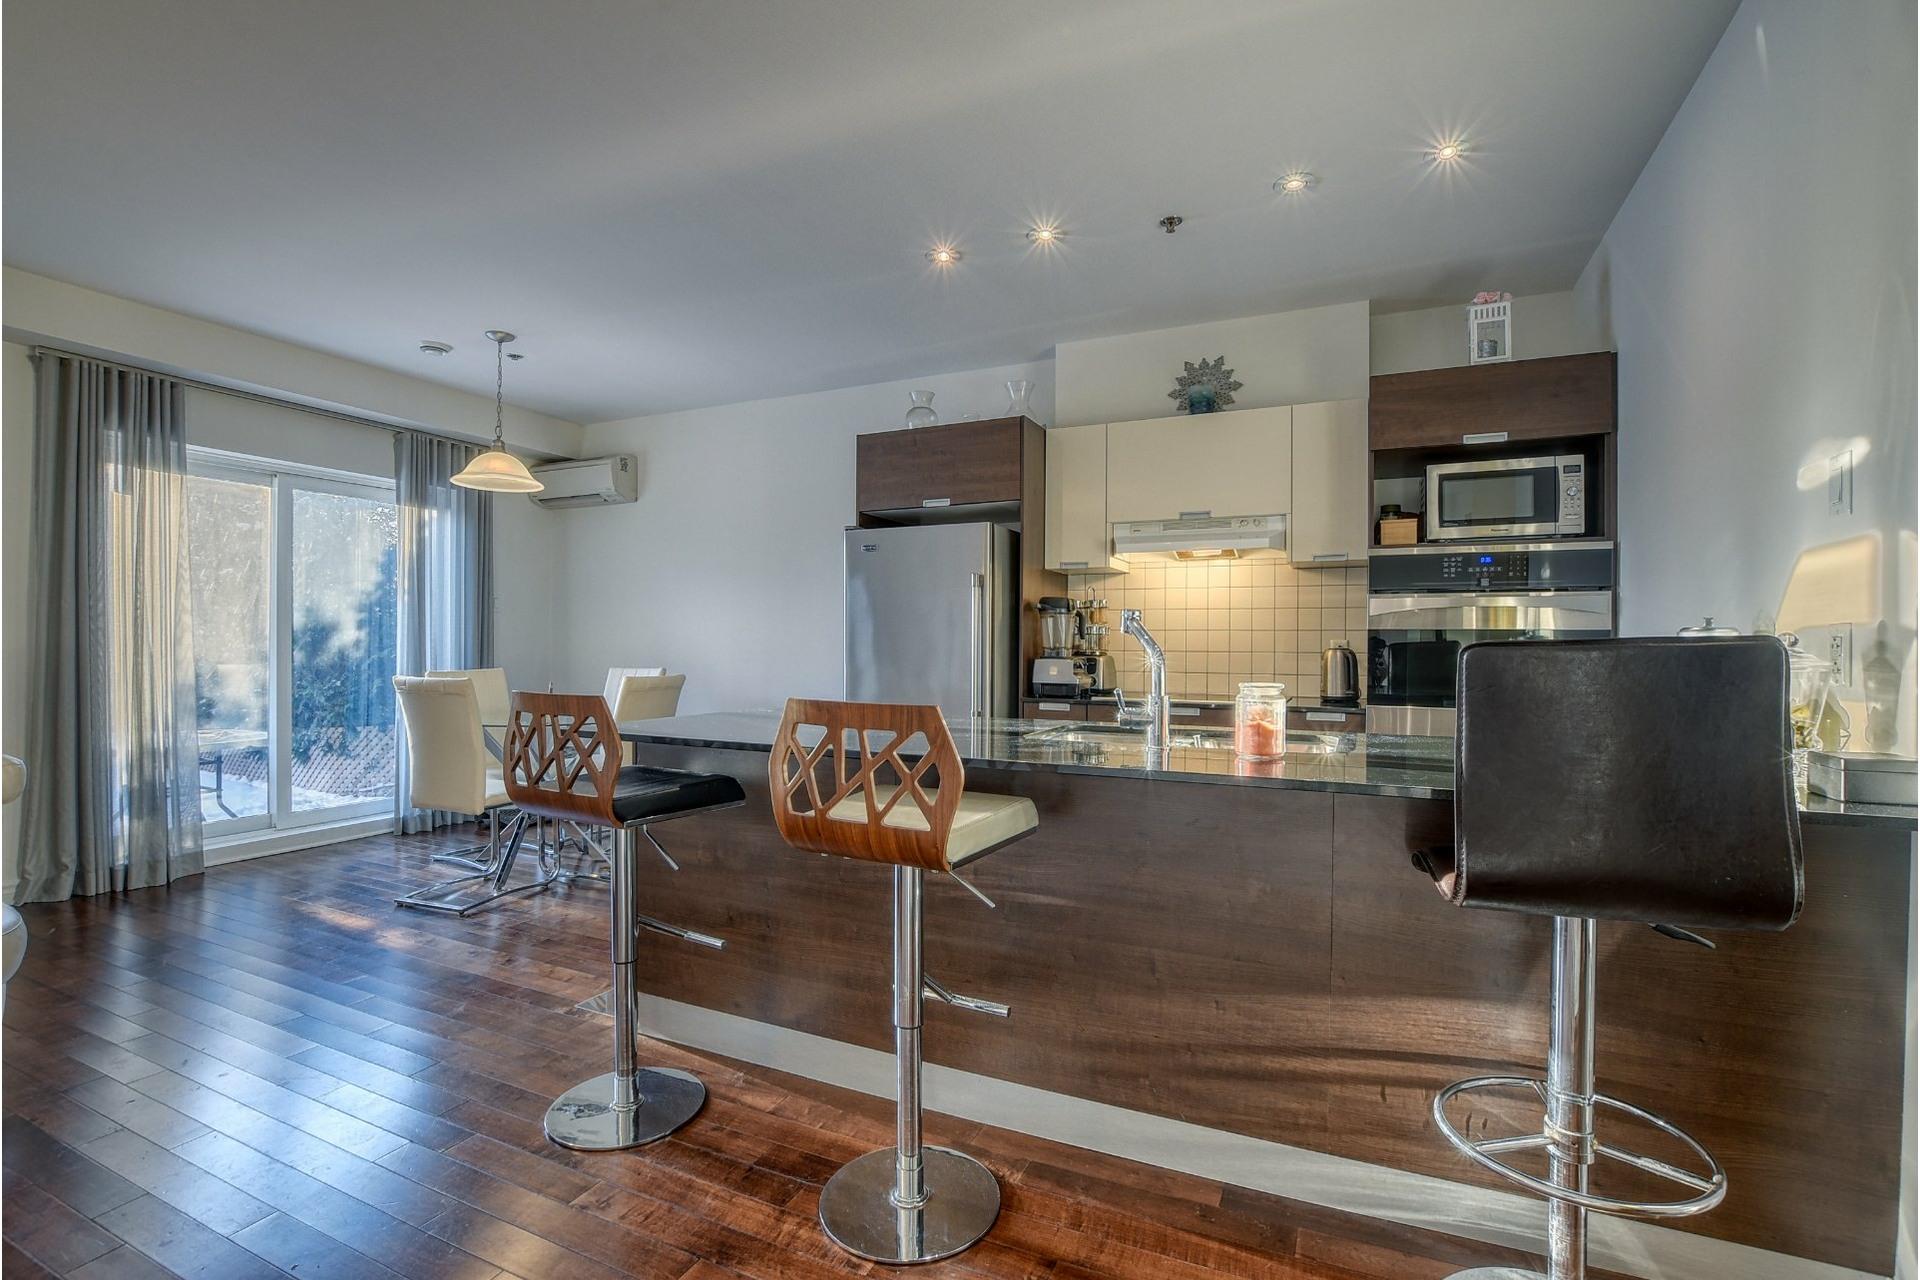 image 3 - Apartment For sale Saint-Laurent Montréal  - 7 rooms